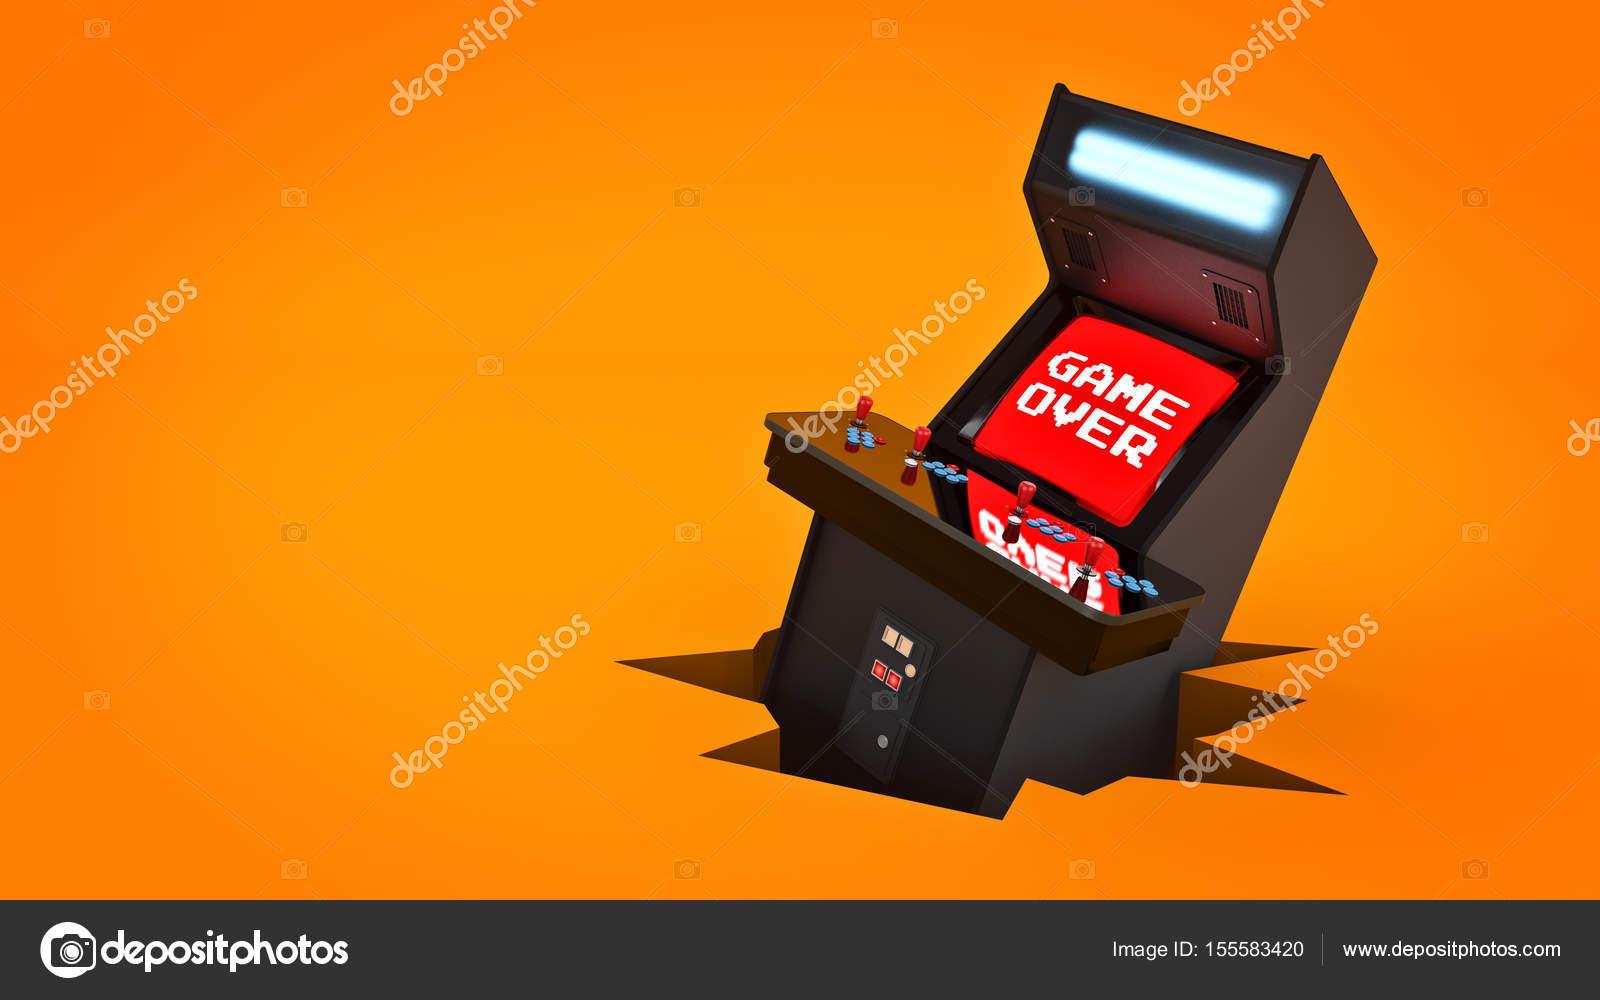 Imagenes Juegos Arcade Juego Juego De La Maquina Arcade Clasicos